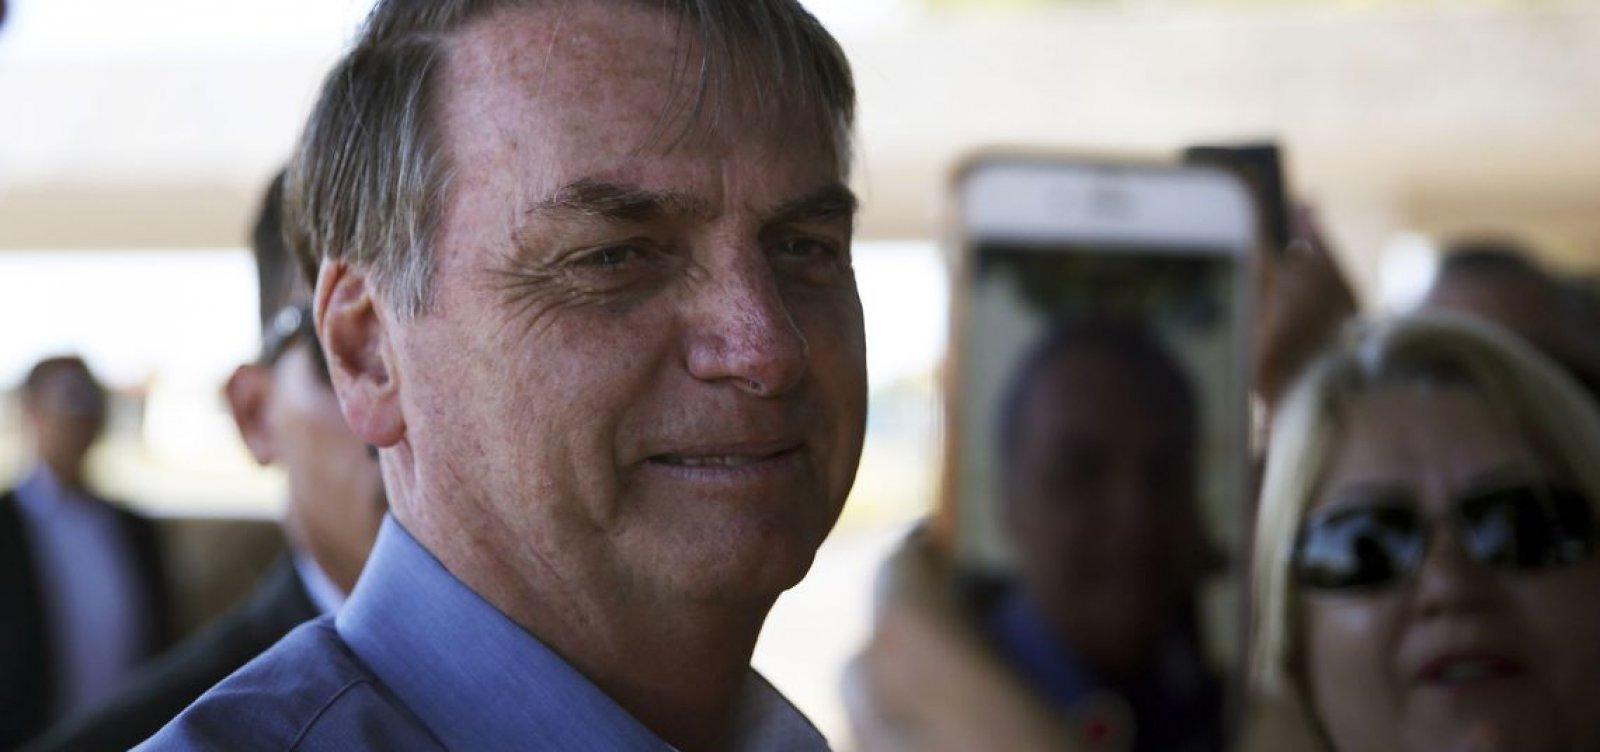 ['Se atrasar mais uma semana, não tem problema', diz Bolsonaro sobre reforma da Previdência]